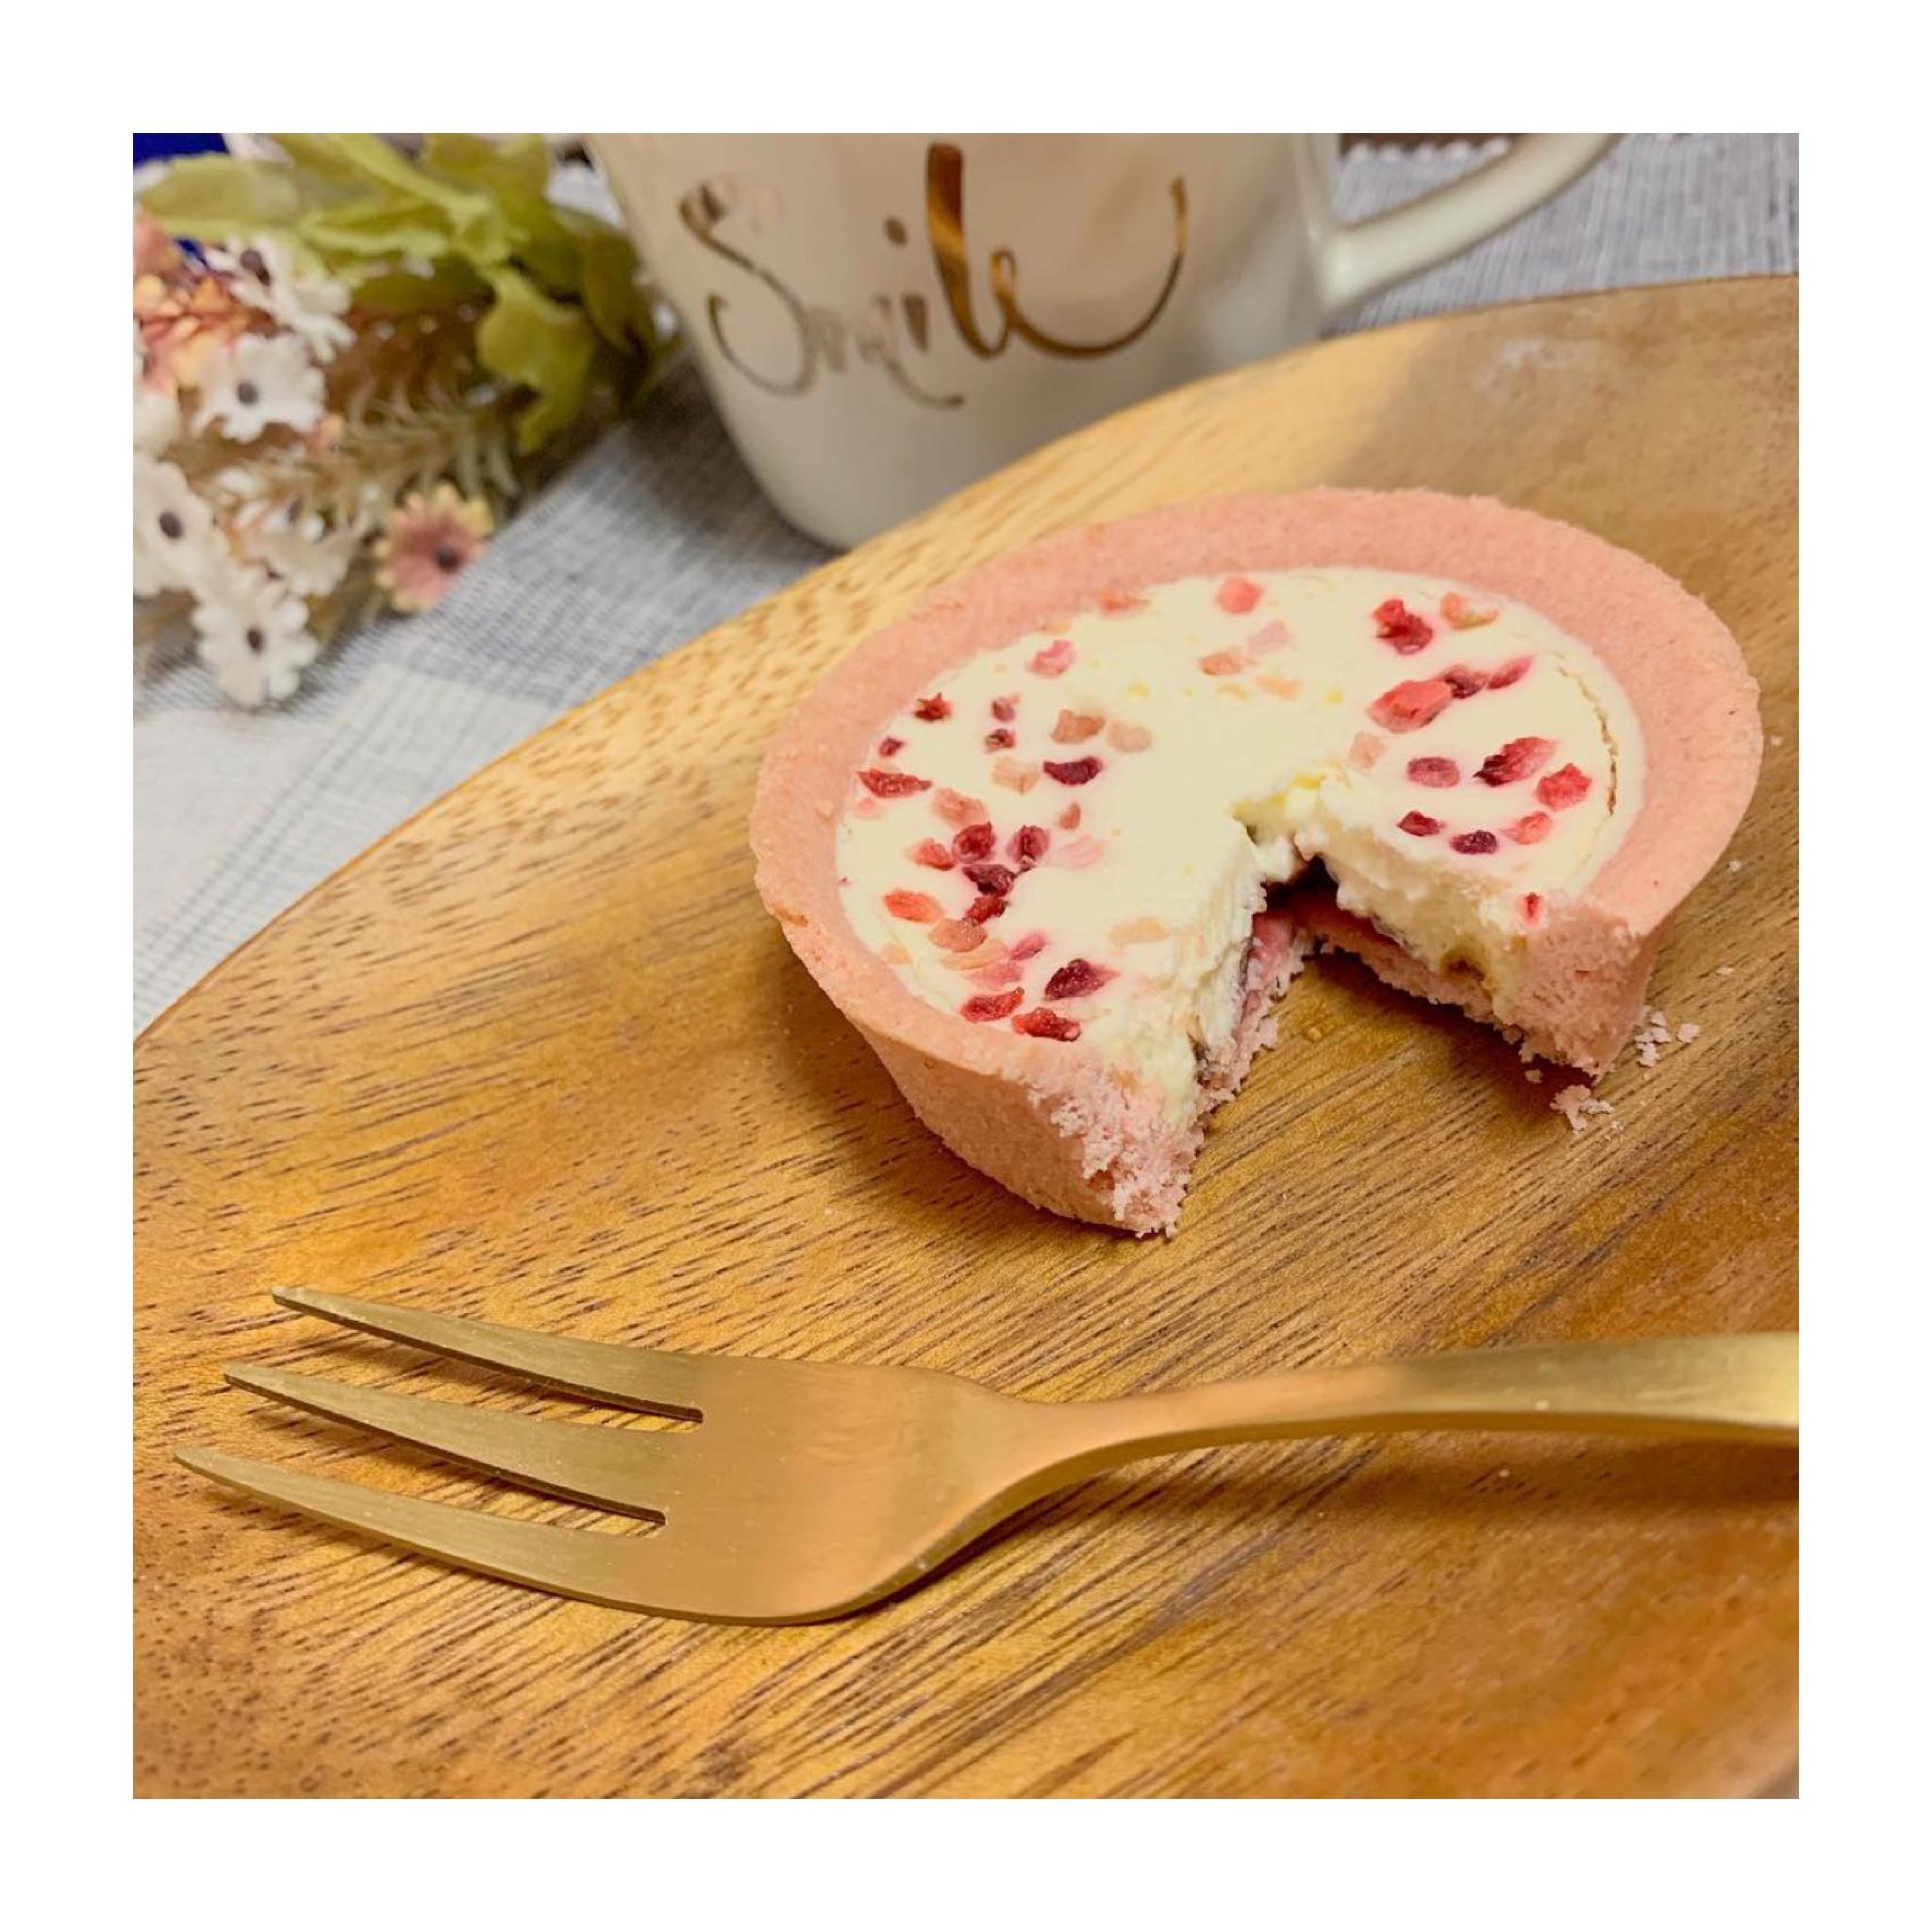 《写真映え❤️コンビニスイーツ》【ローソン】いちごのショコラタルトが美味しい☻_4